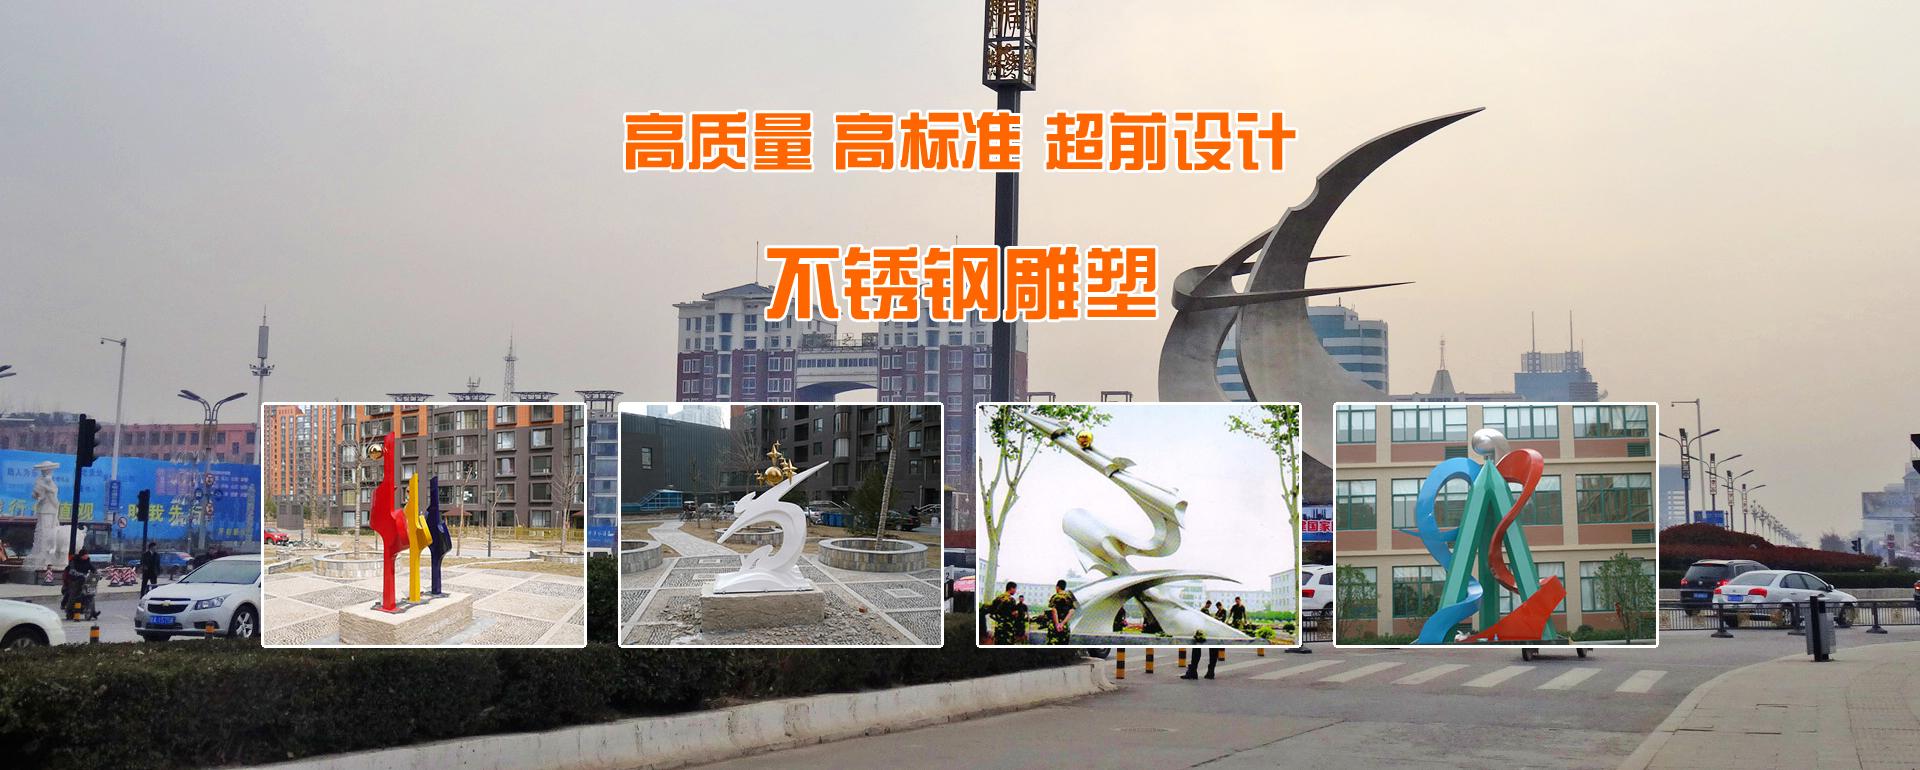 火箭湖人直播纬来体育辉煌台湾纬来体育直播nba制品有限公司